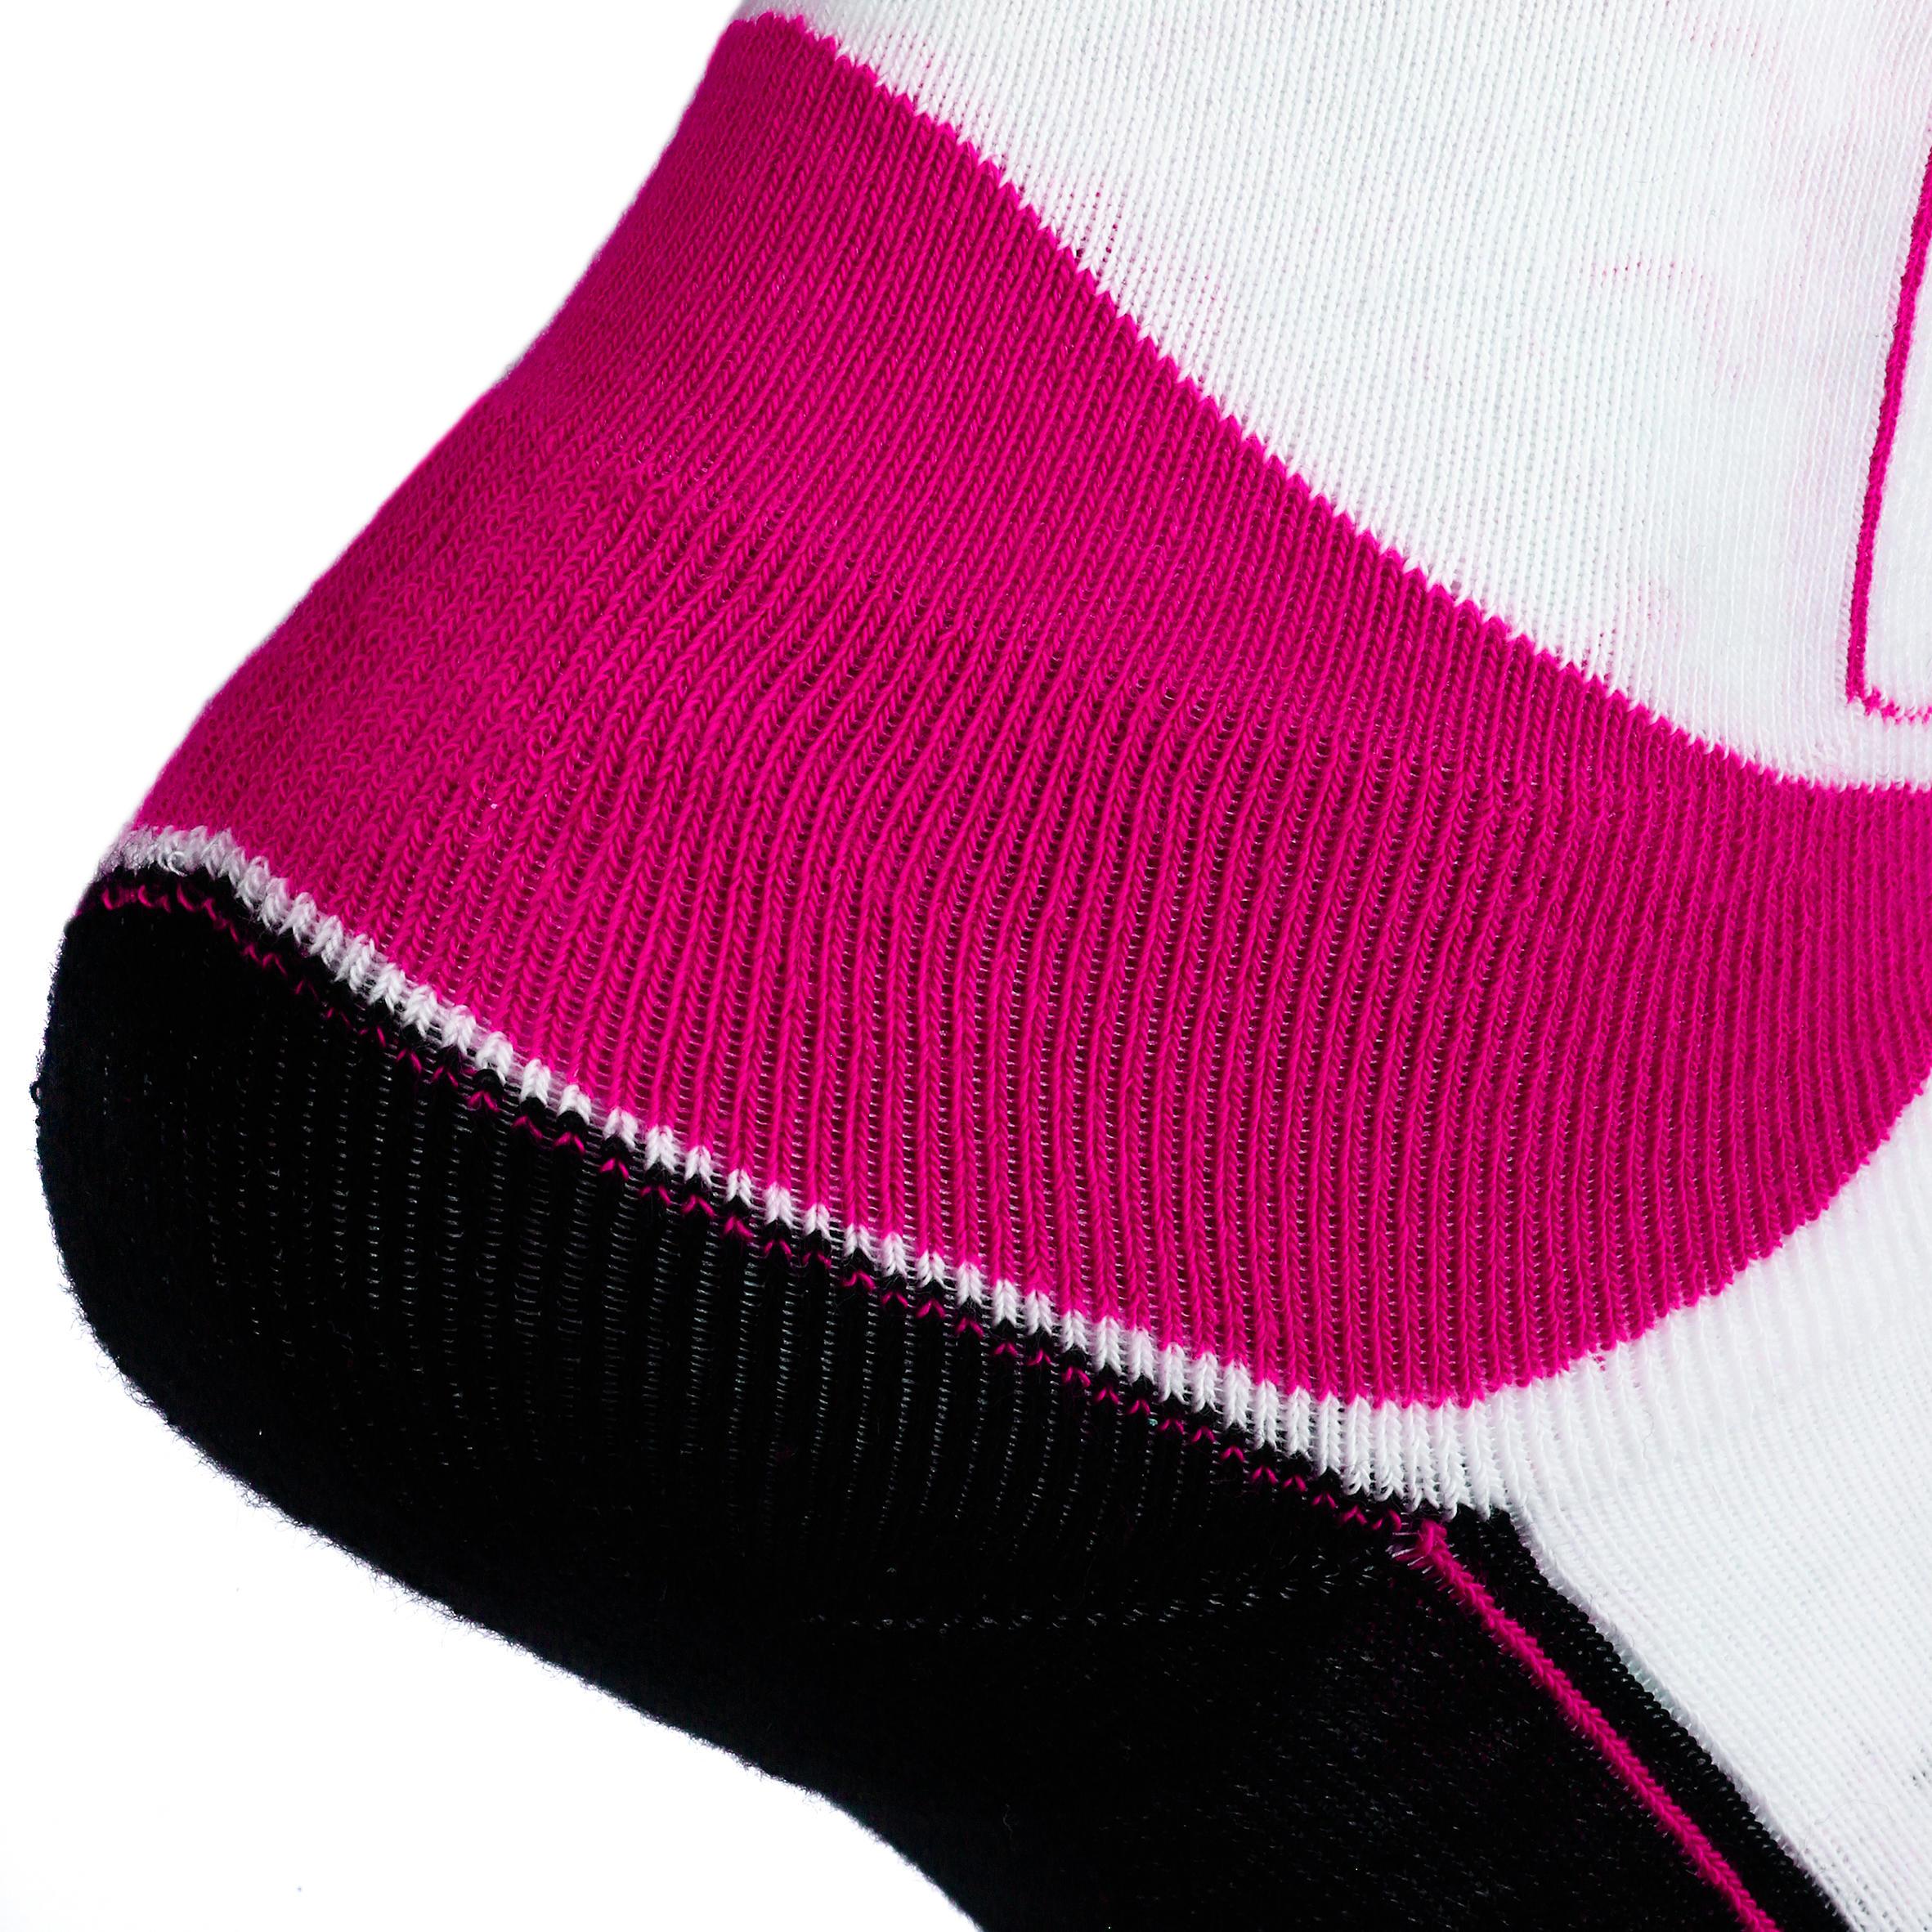 Chaussettes patins à roues alignées enfant PLAY rose blanches